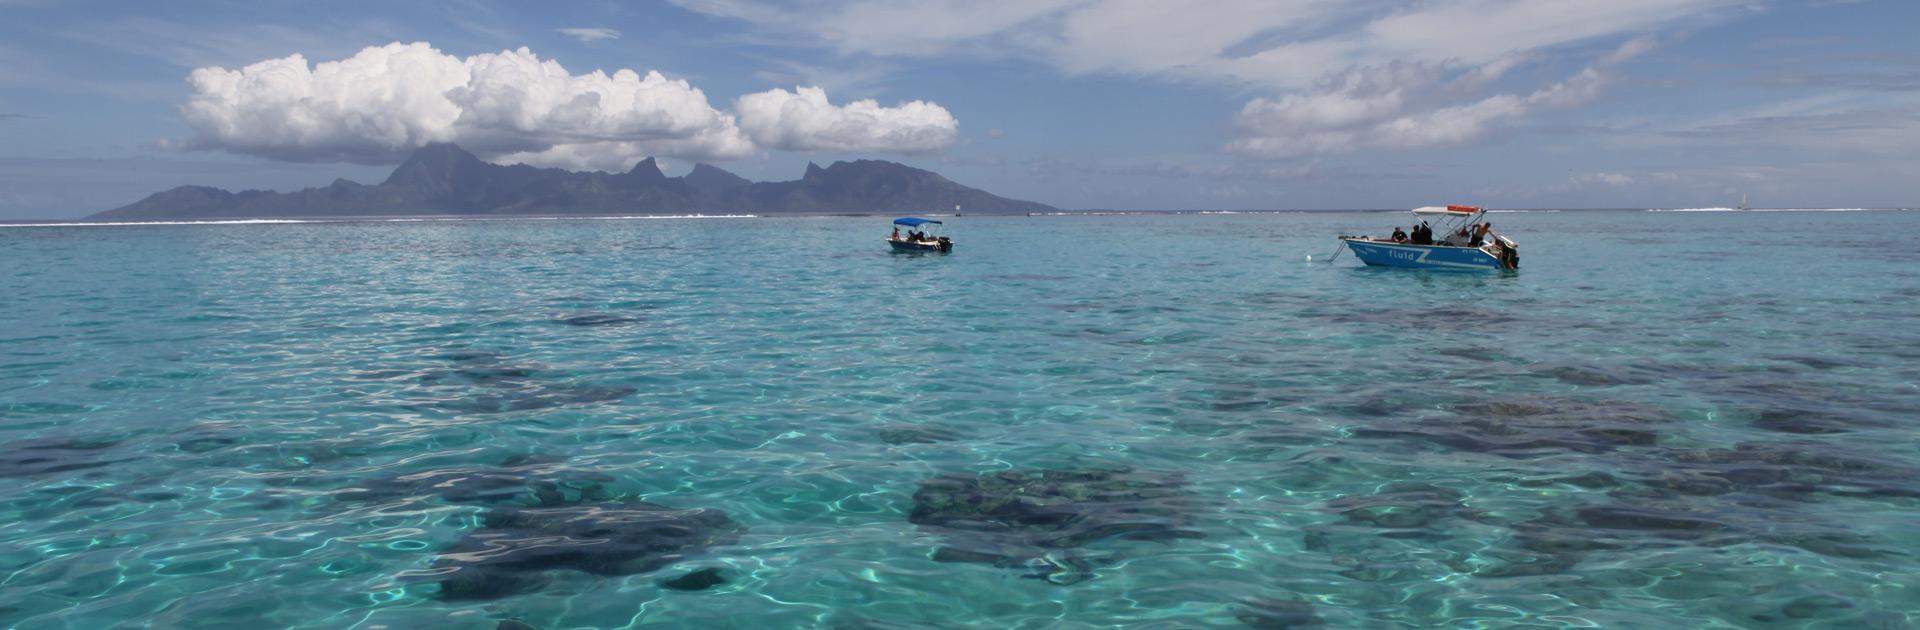 PF Bora Bora La Perla del Pacífico 11 días 2